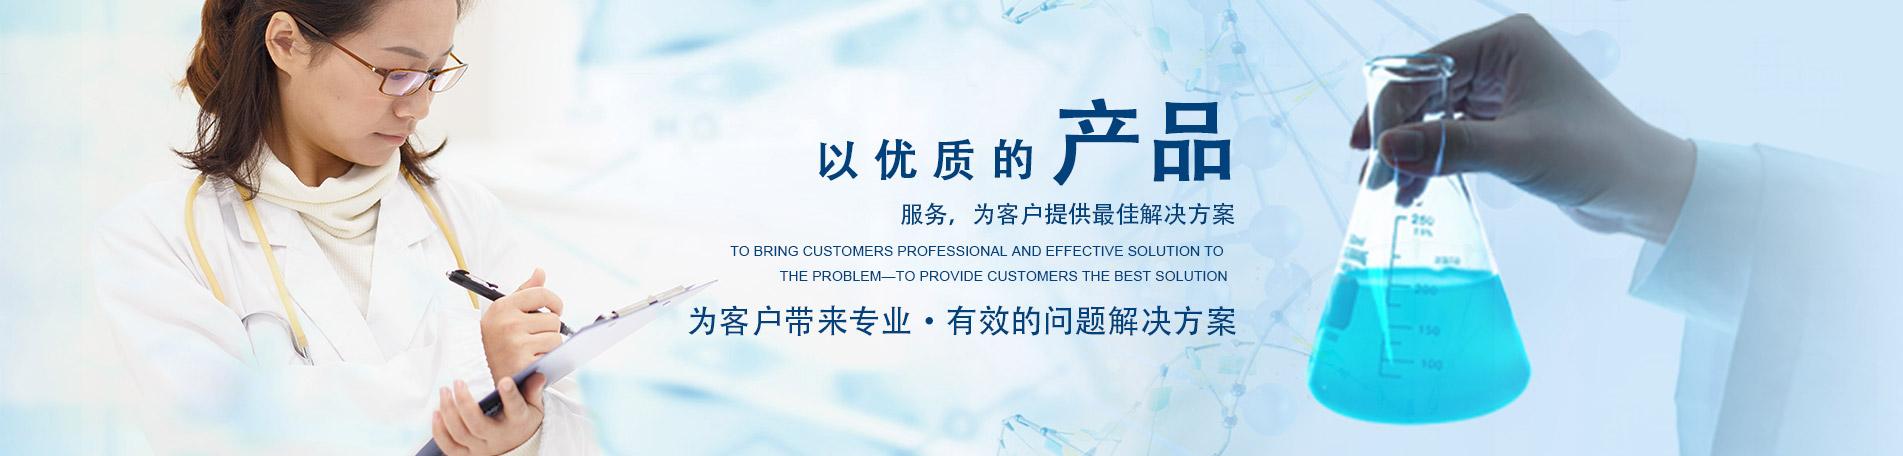 上海璞展實業有限公司